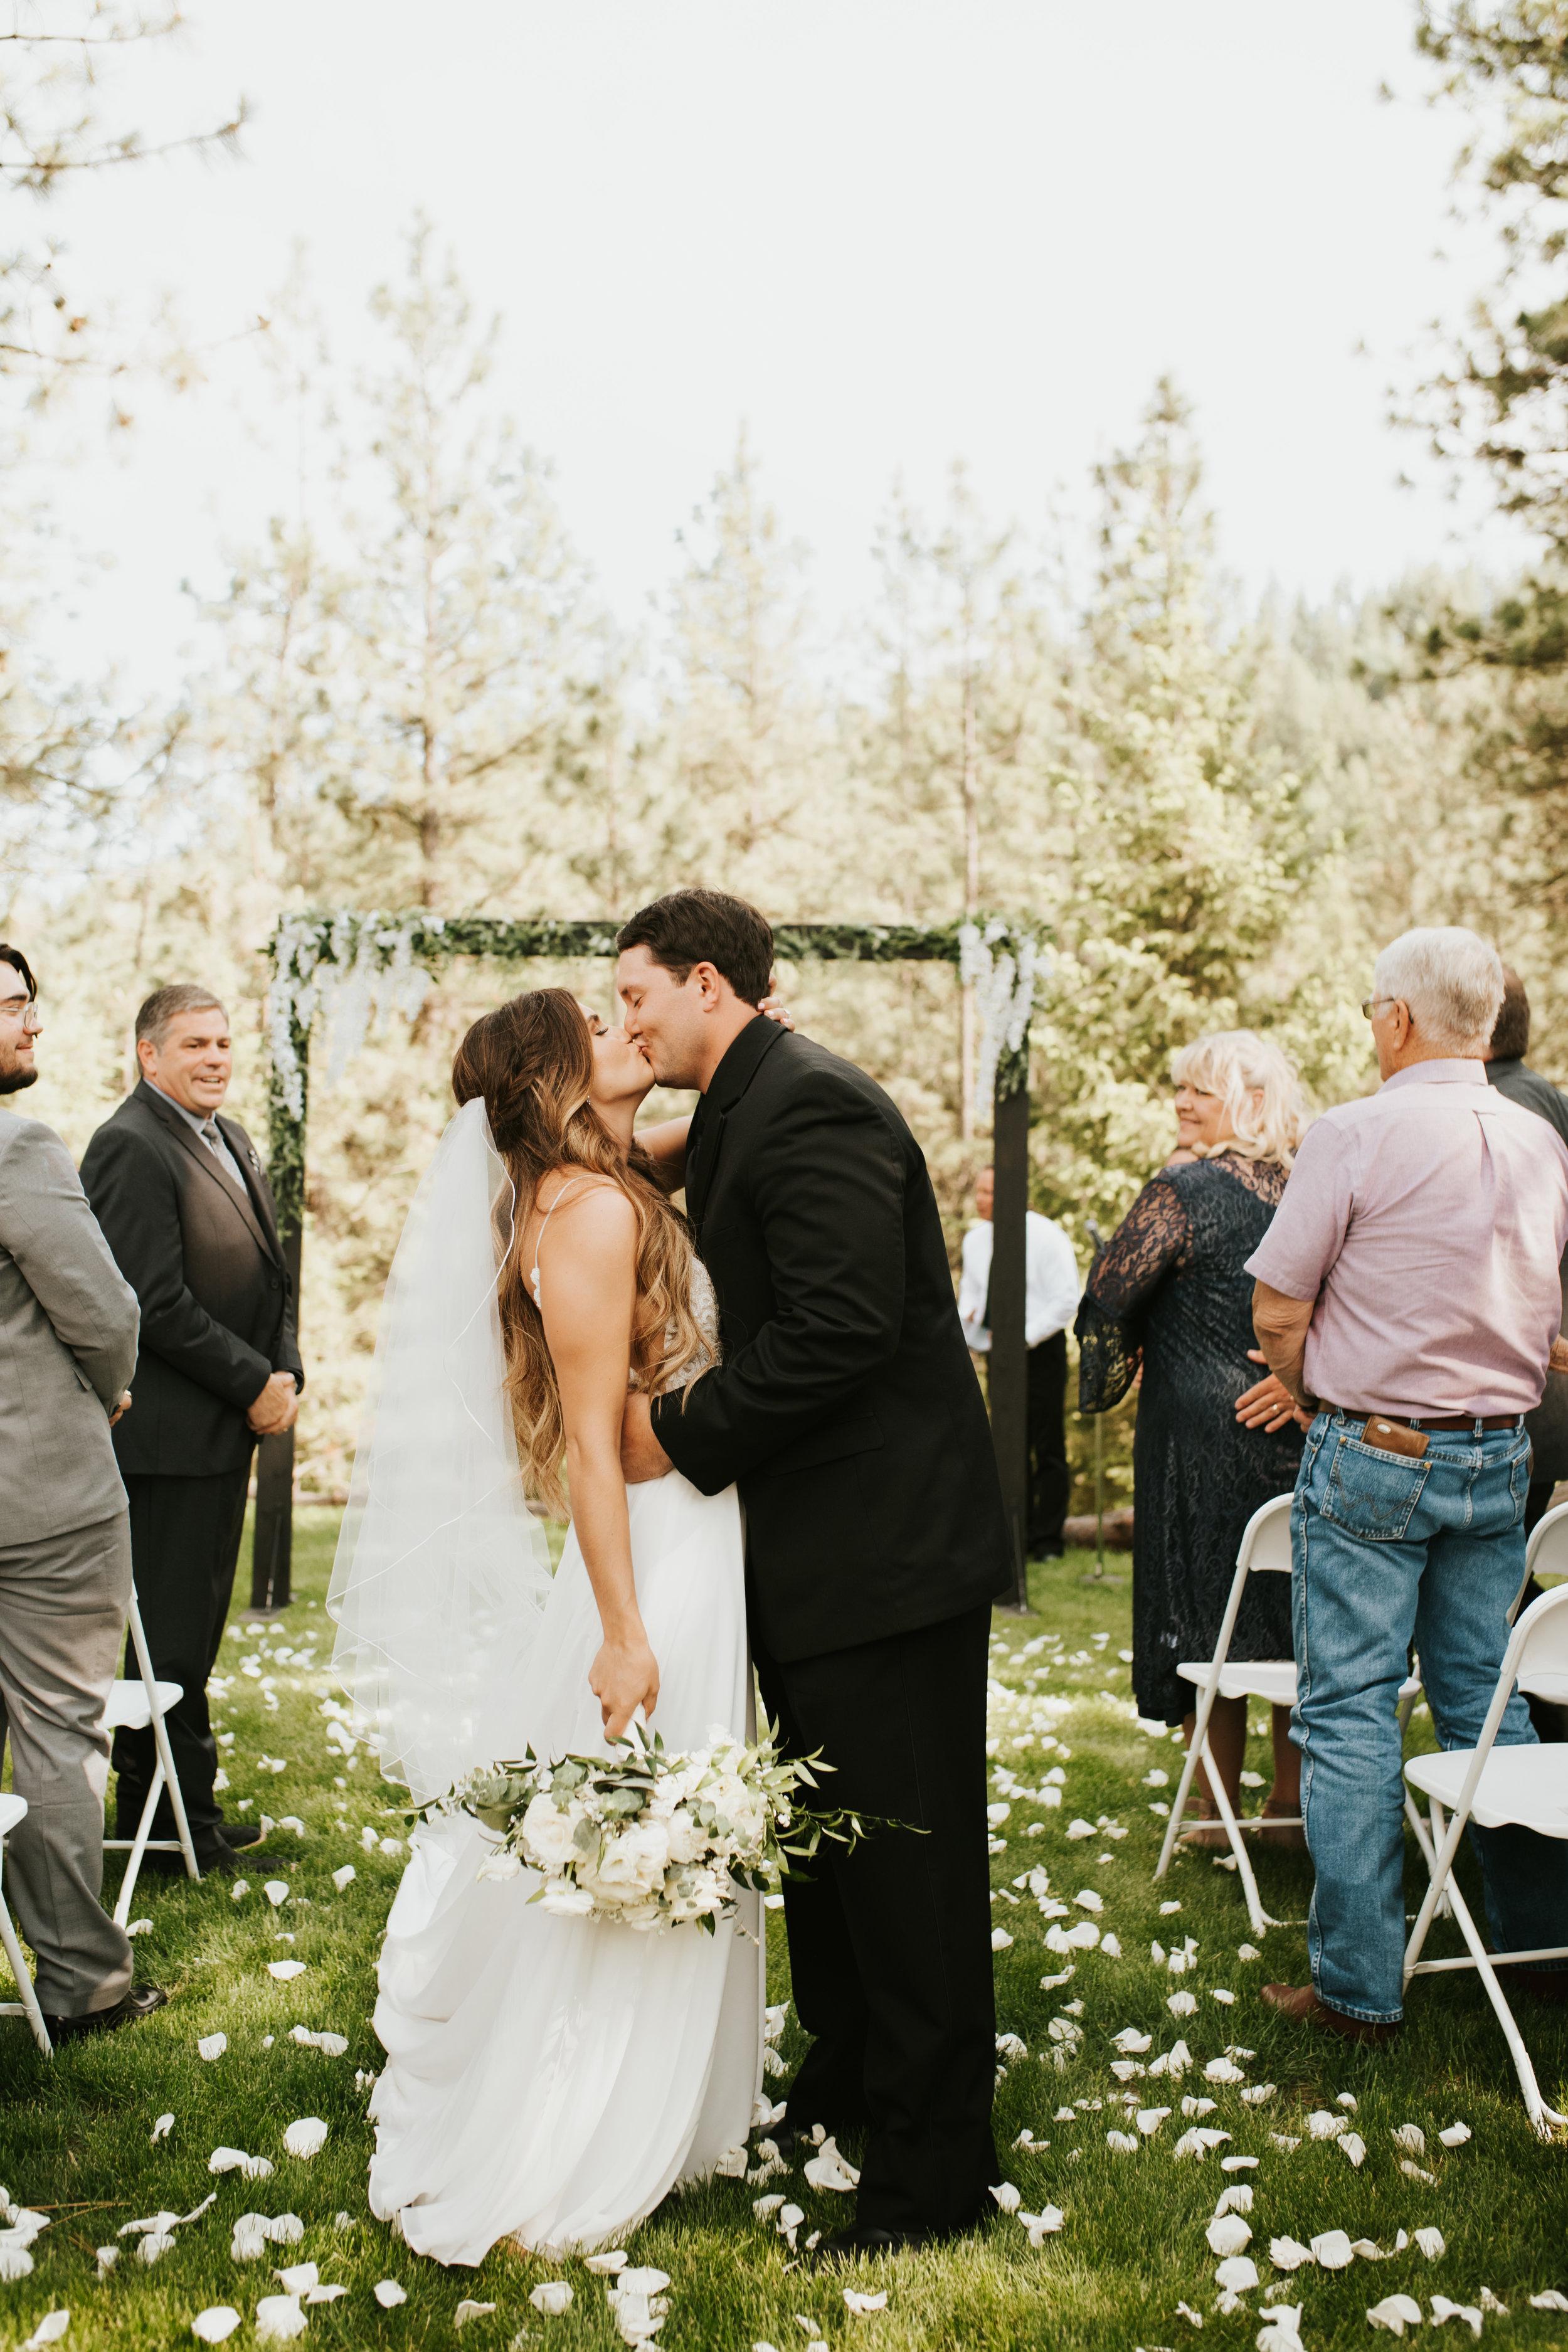 kissing newlyweds spokane wedding